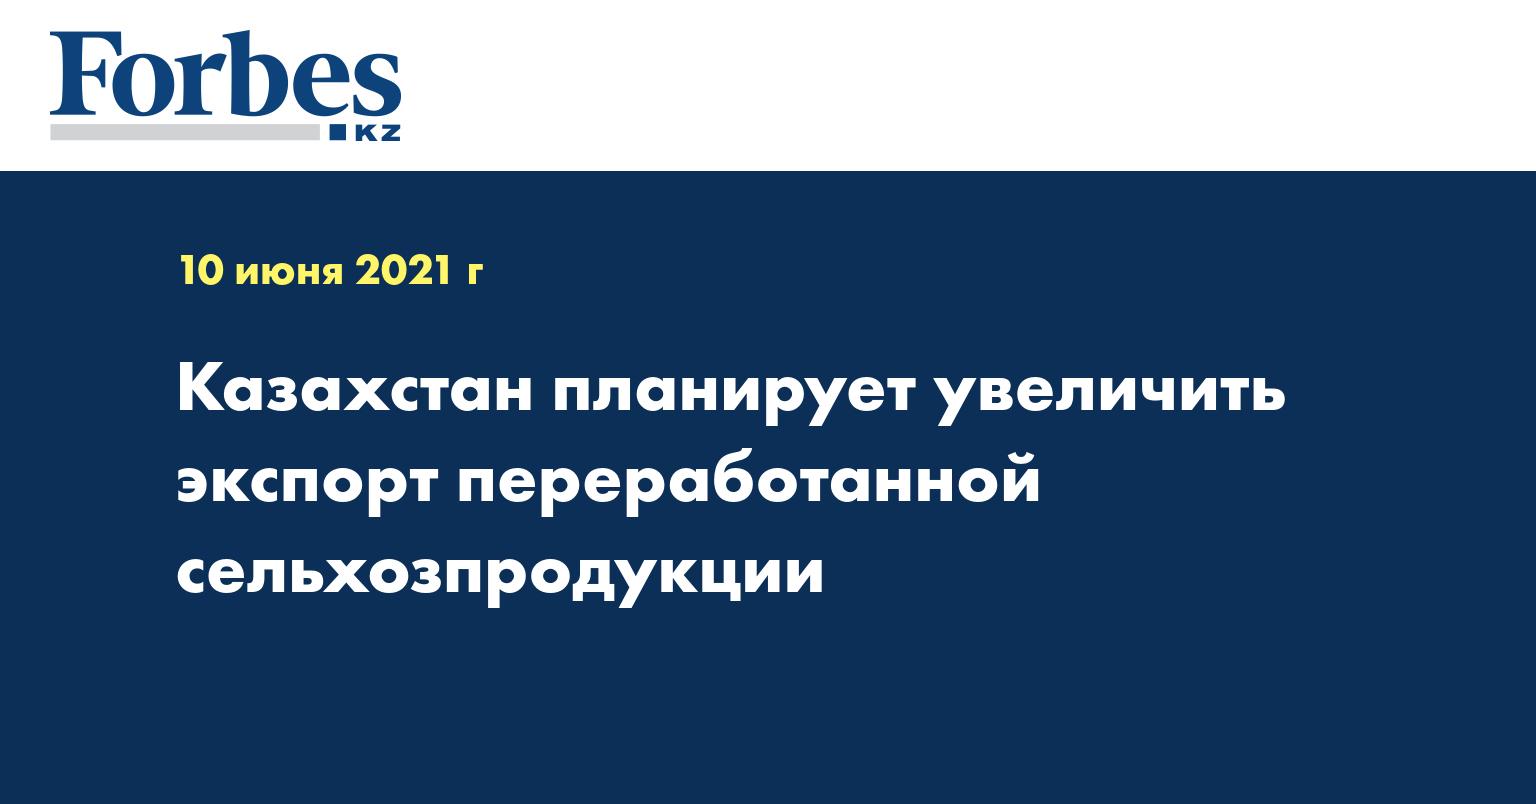 Казахстан планирует увеличить экспорт переработанной сельхозпродукции